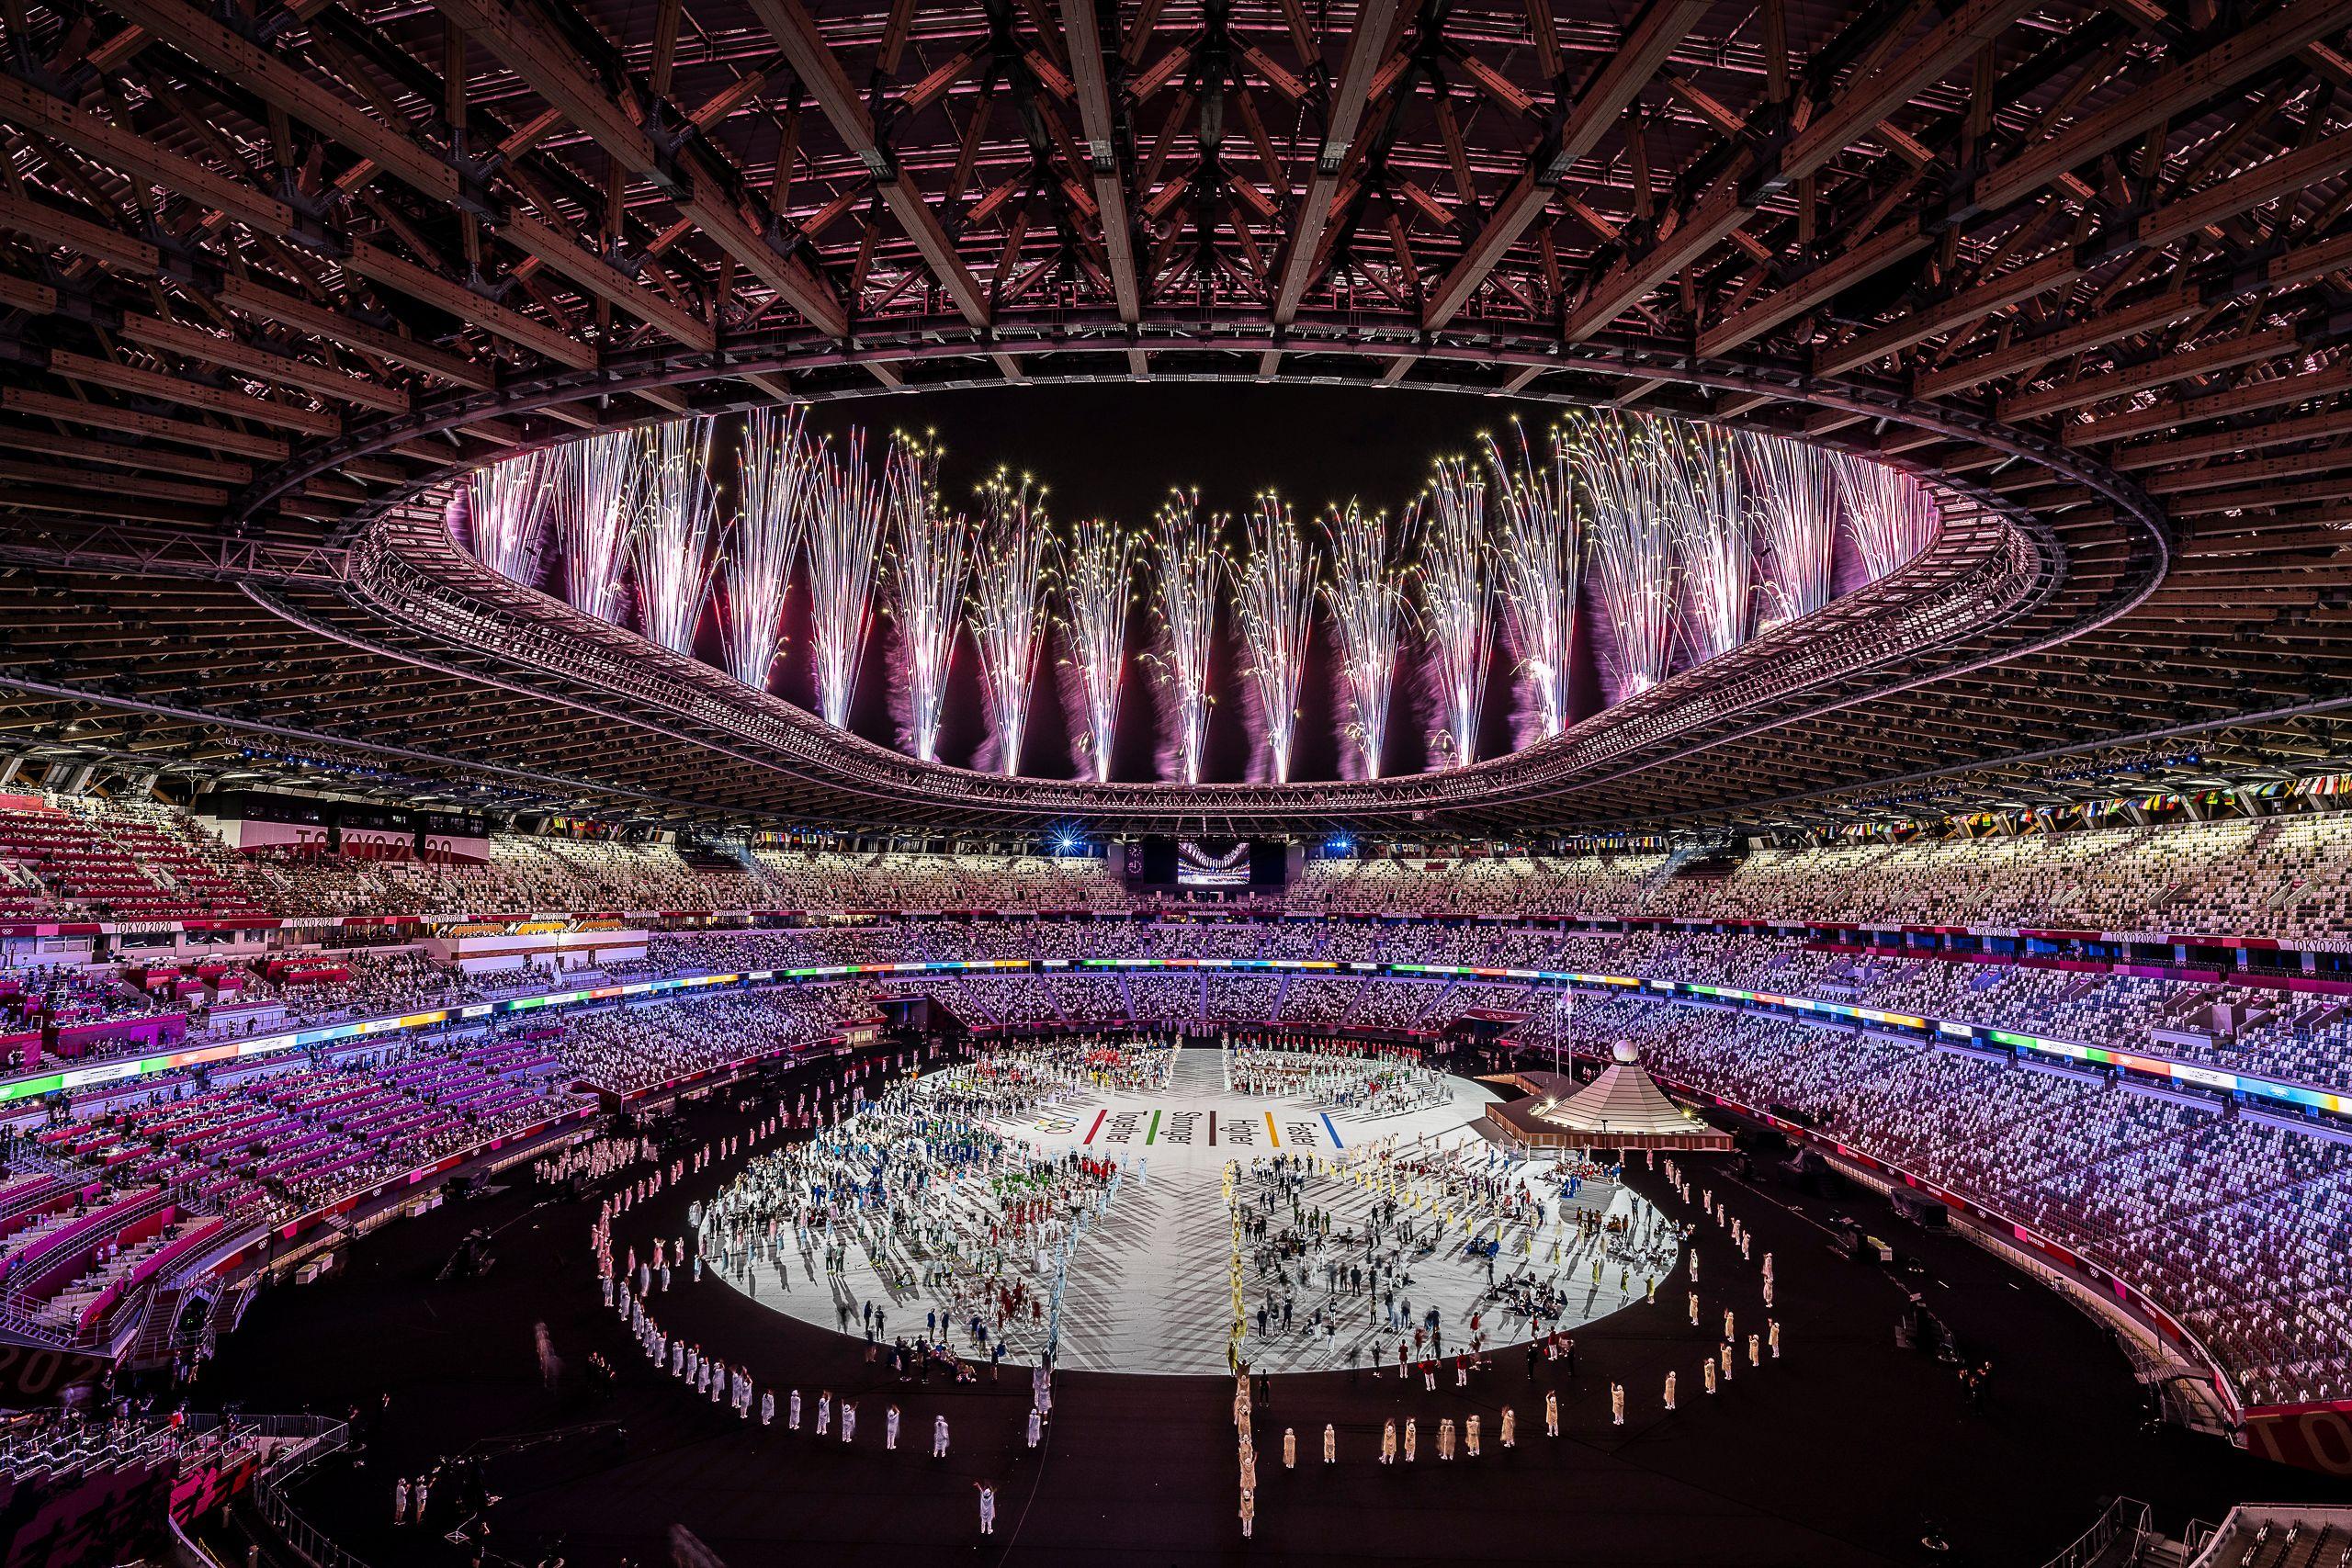 Japan_Tokyo_Olympics_opening_ceremonies_0727.jpg